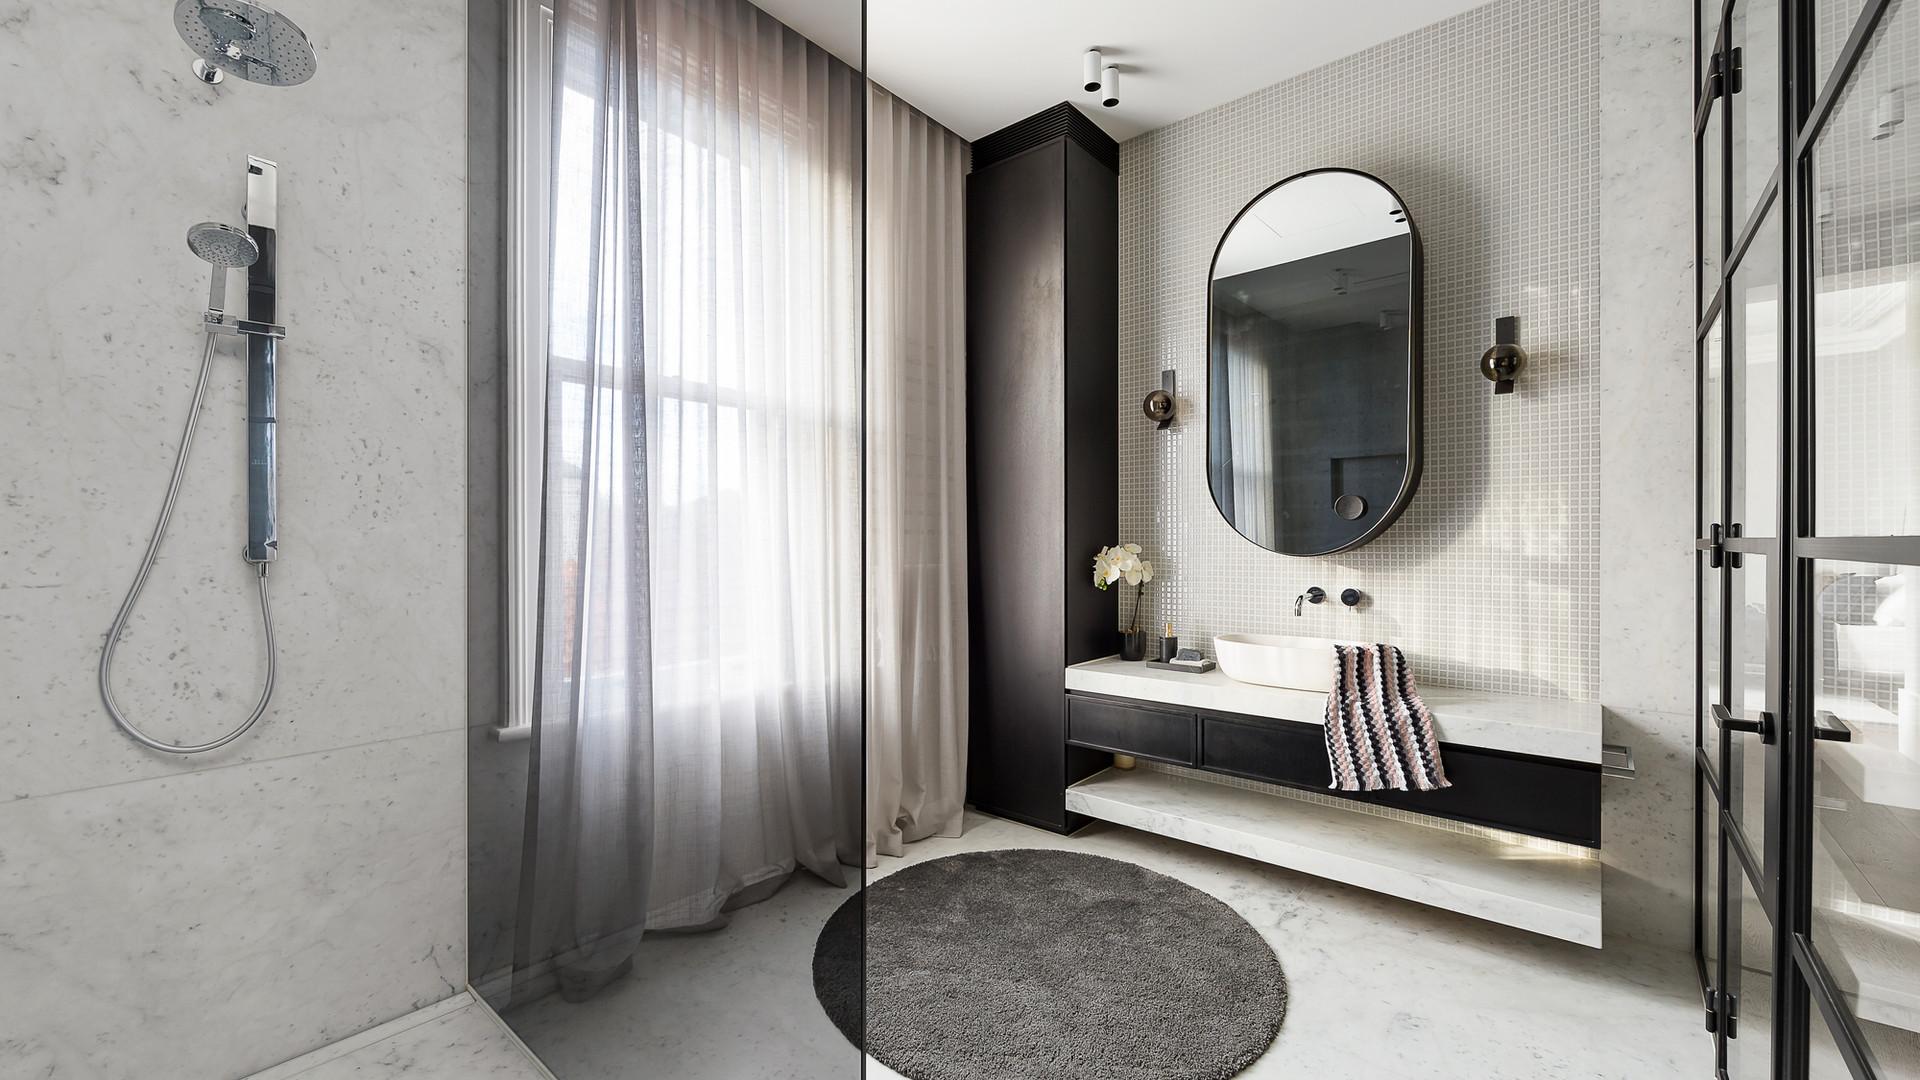 bathroom-N4UY4HB.jpg